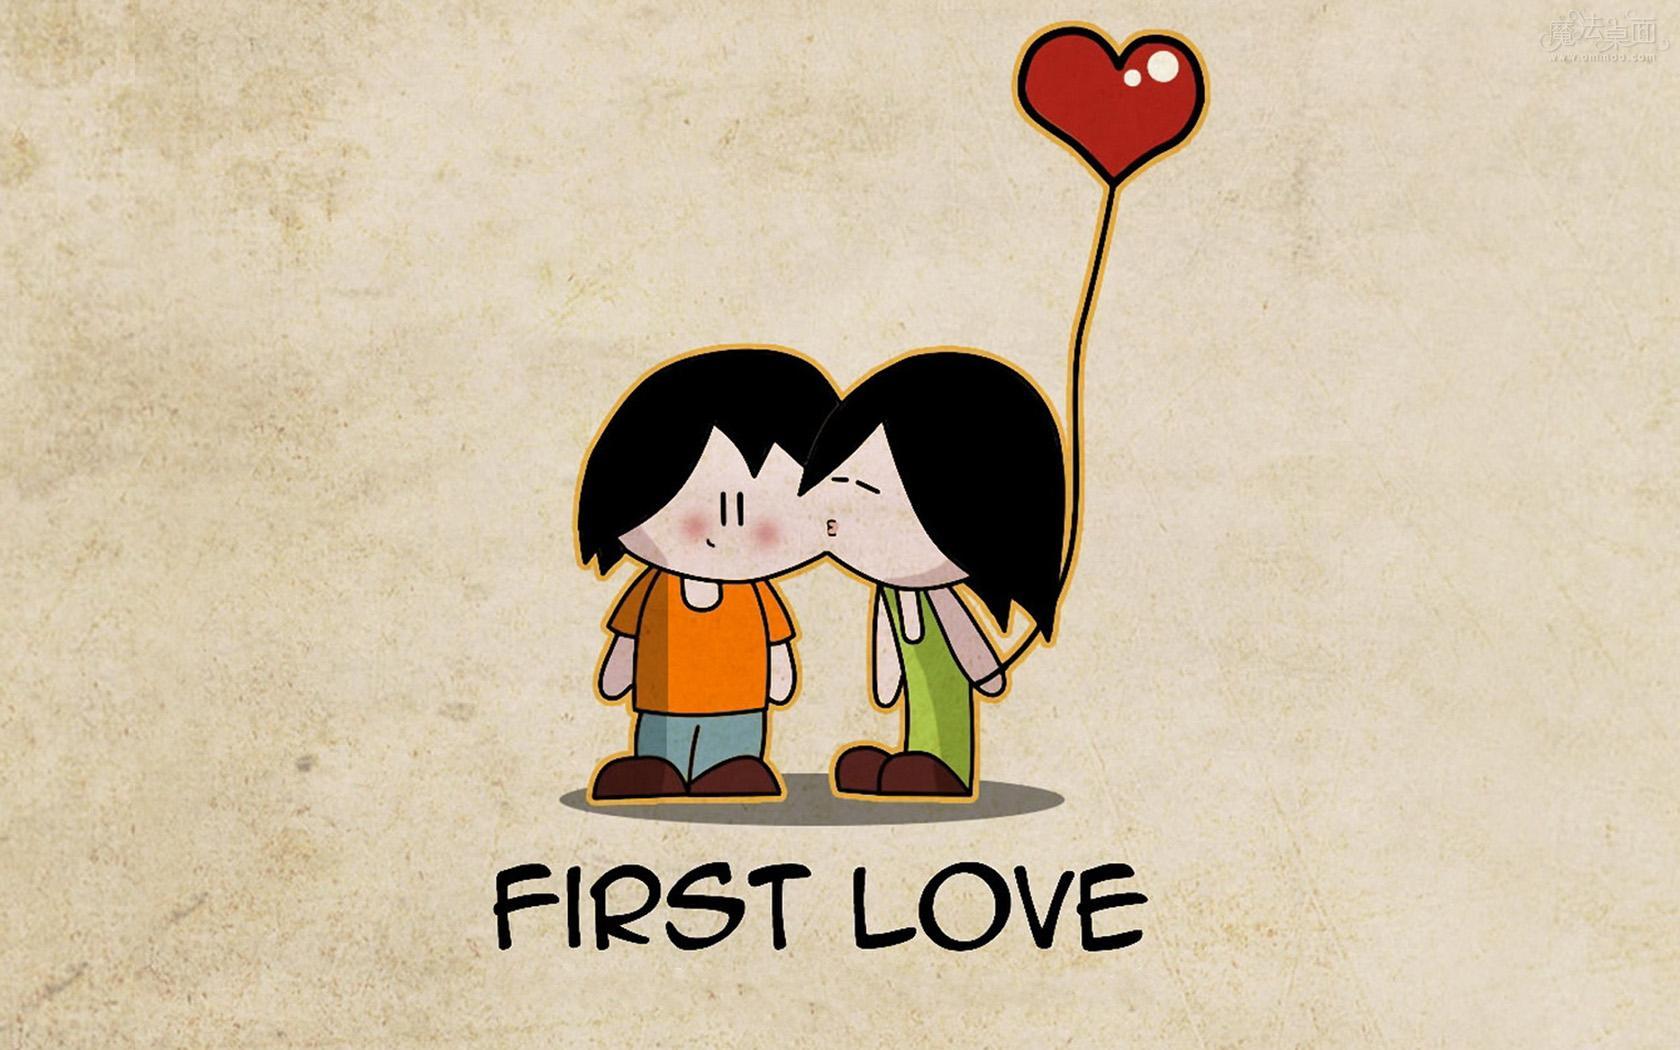 一张黑白小男孩亲吻小女孩的图,谁有高清的?我想做壁纸